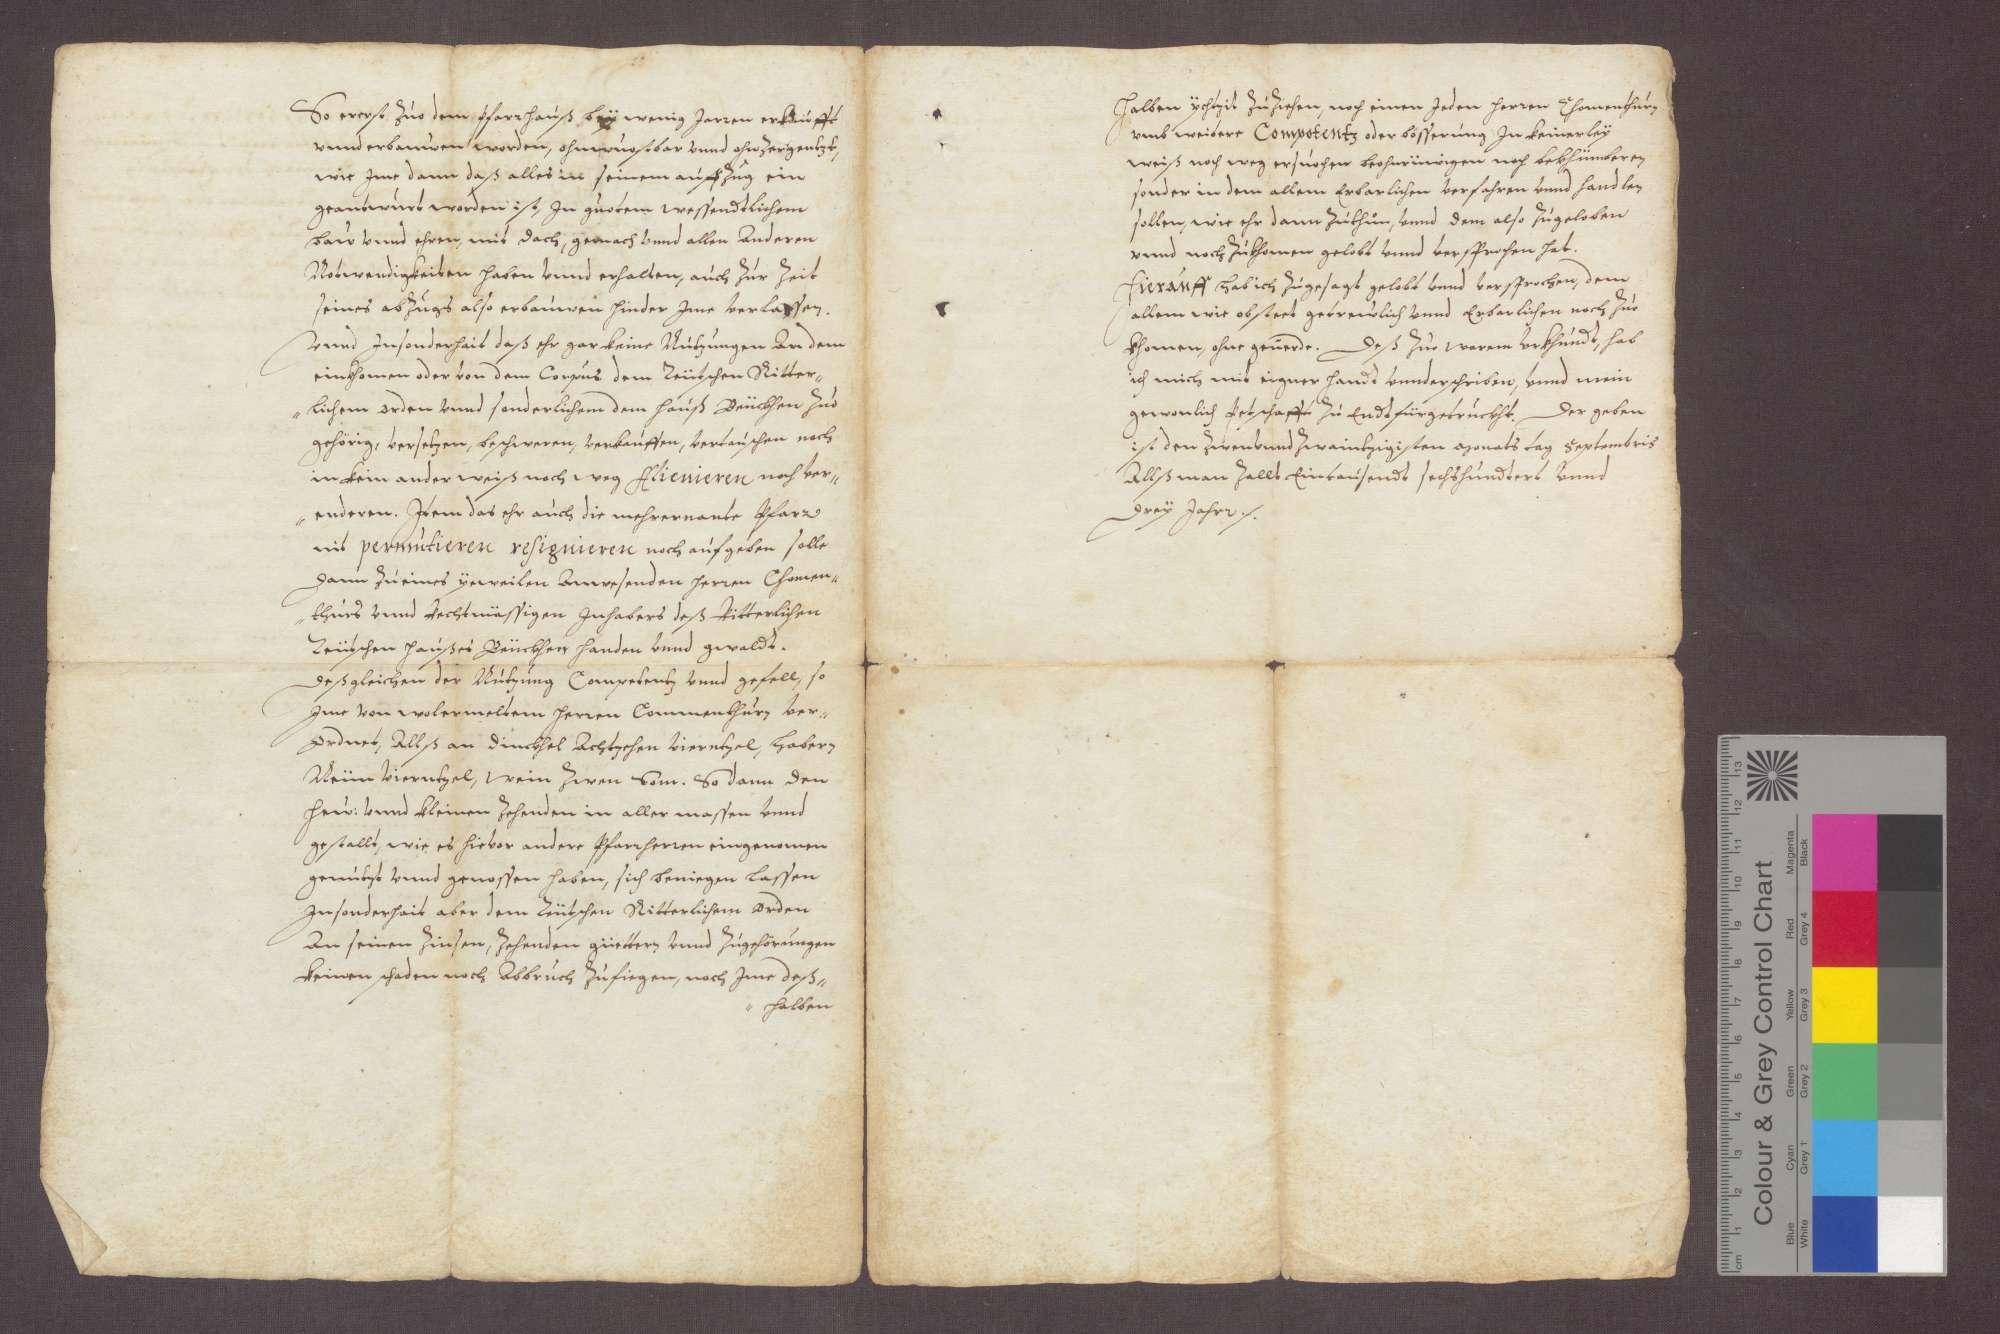 Hartmann von Hallwil, Komtur zu Beuggen, reversiert gegenüber dem zum Pfarrer in Hasel ernannten Lienhard Pistorius., Bild 2